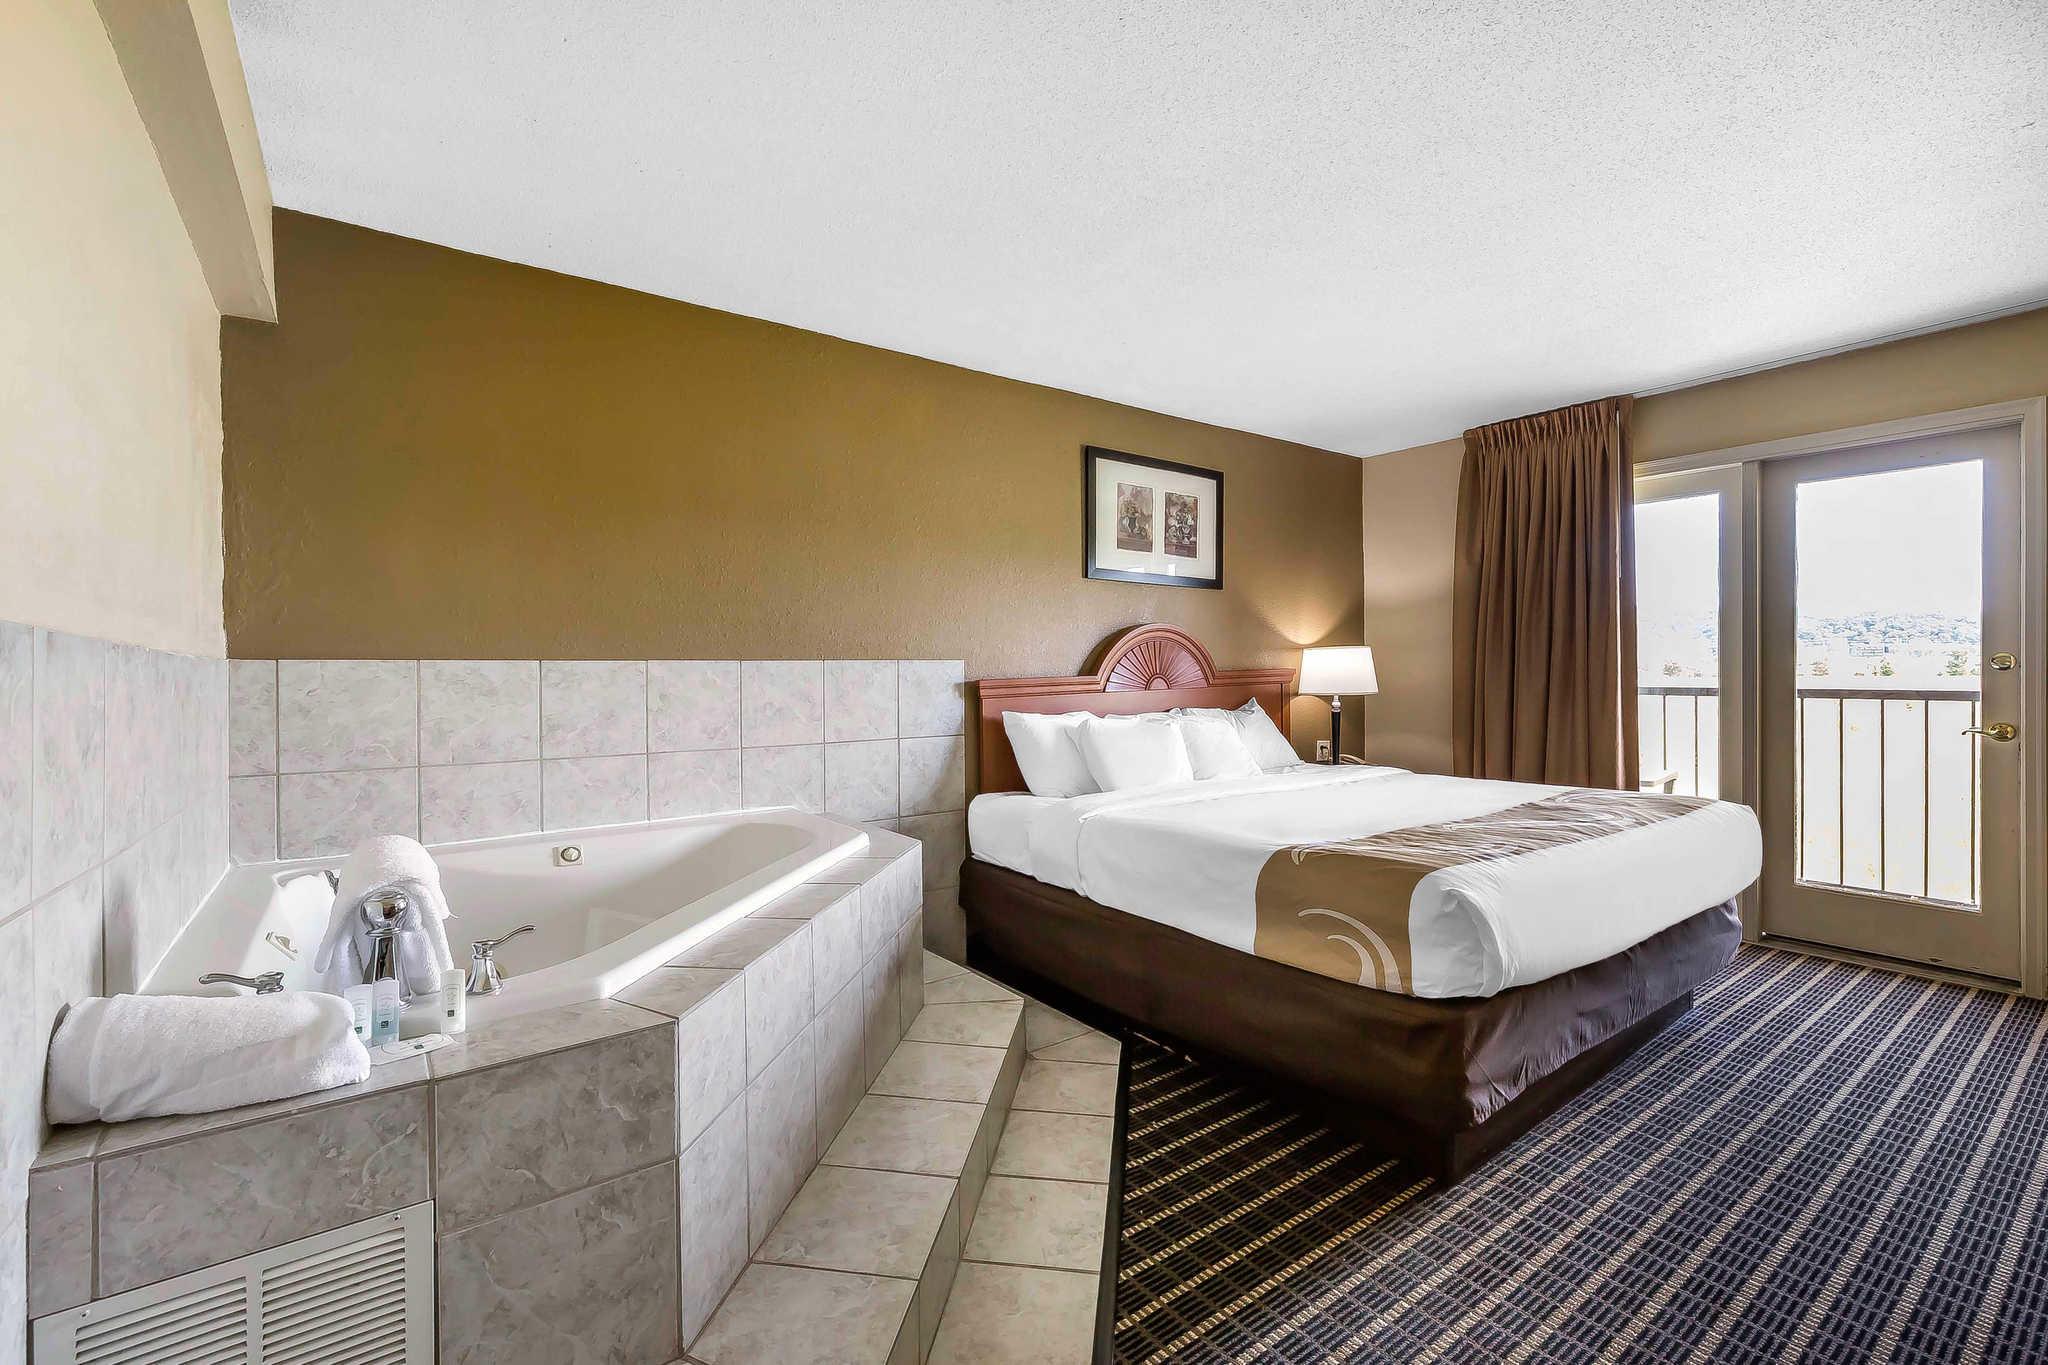 Quality Inn & Suites River Suites image 13